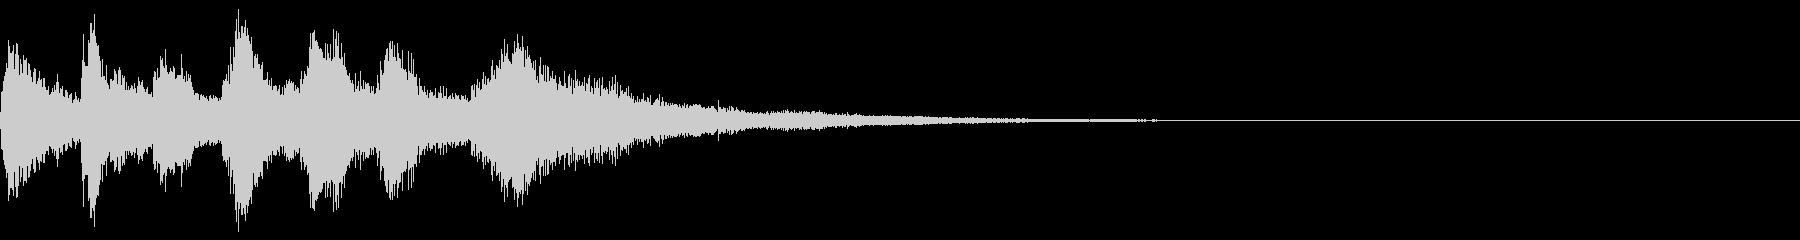 落ち着くピアノジングル2の未再生の波形